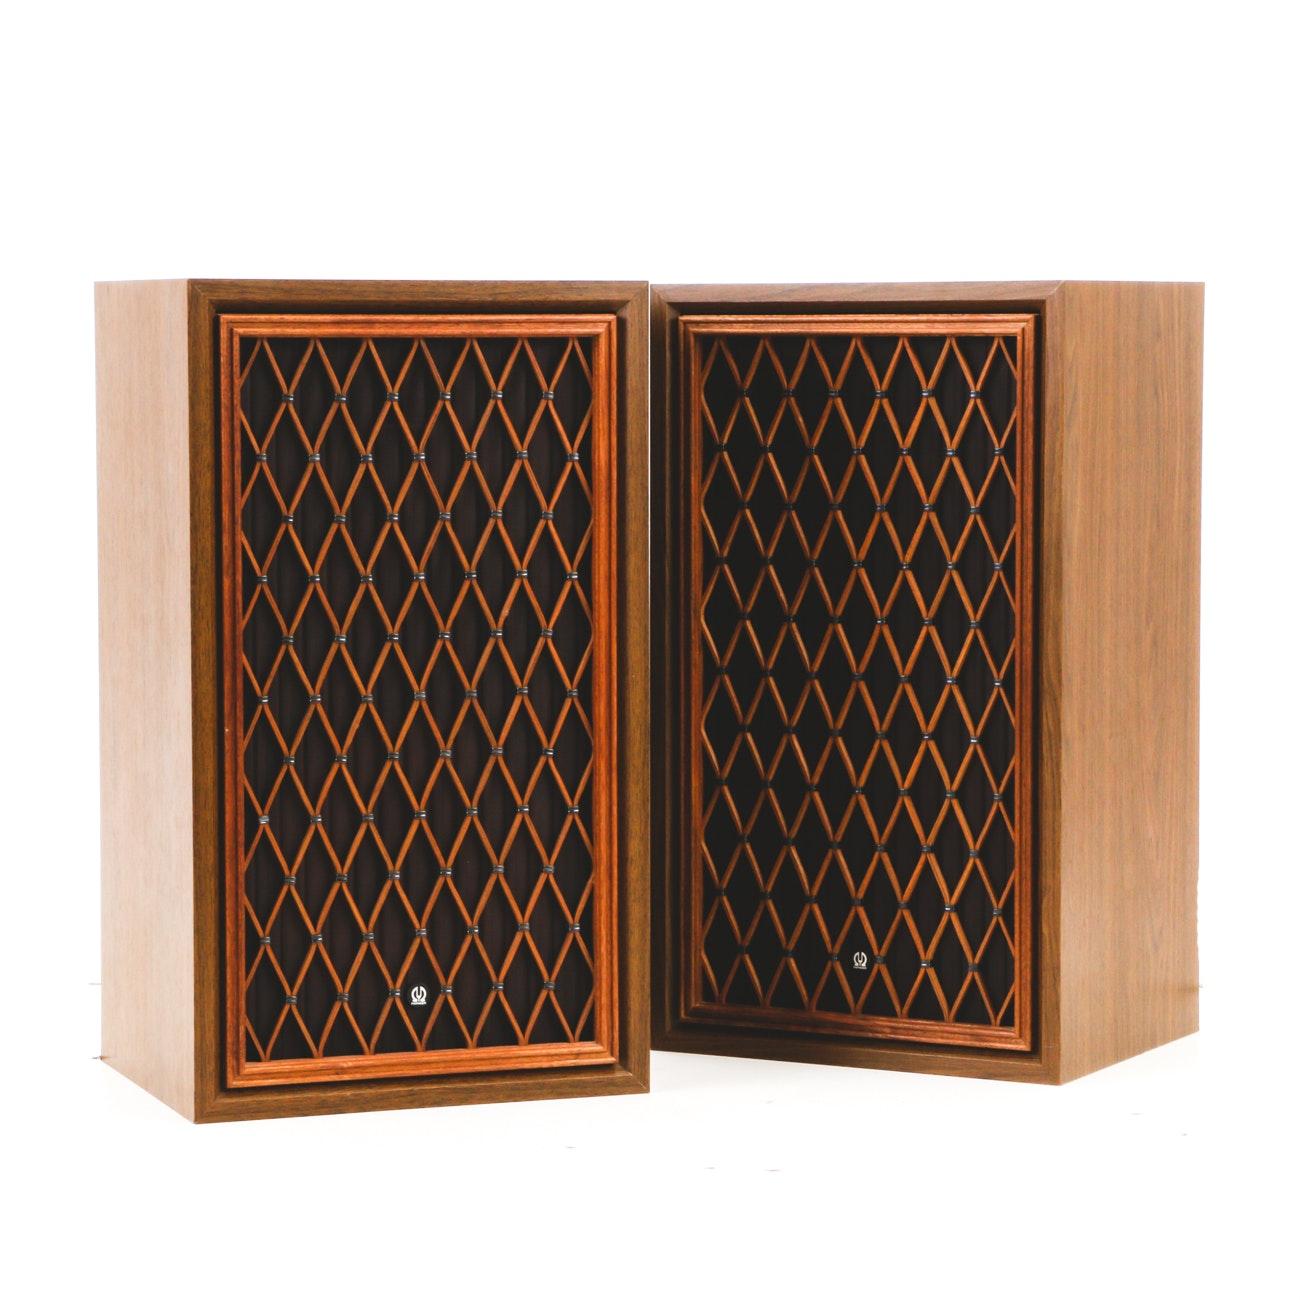 Pair of Pioneer CS-700G Floor Speakers